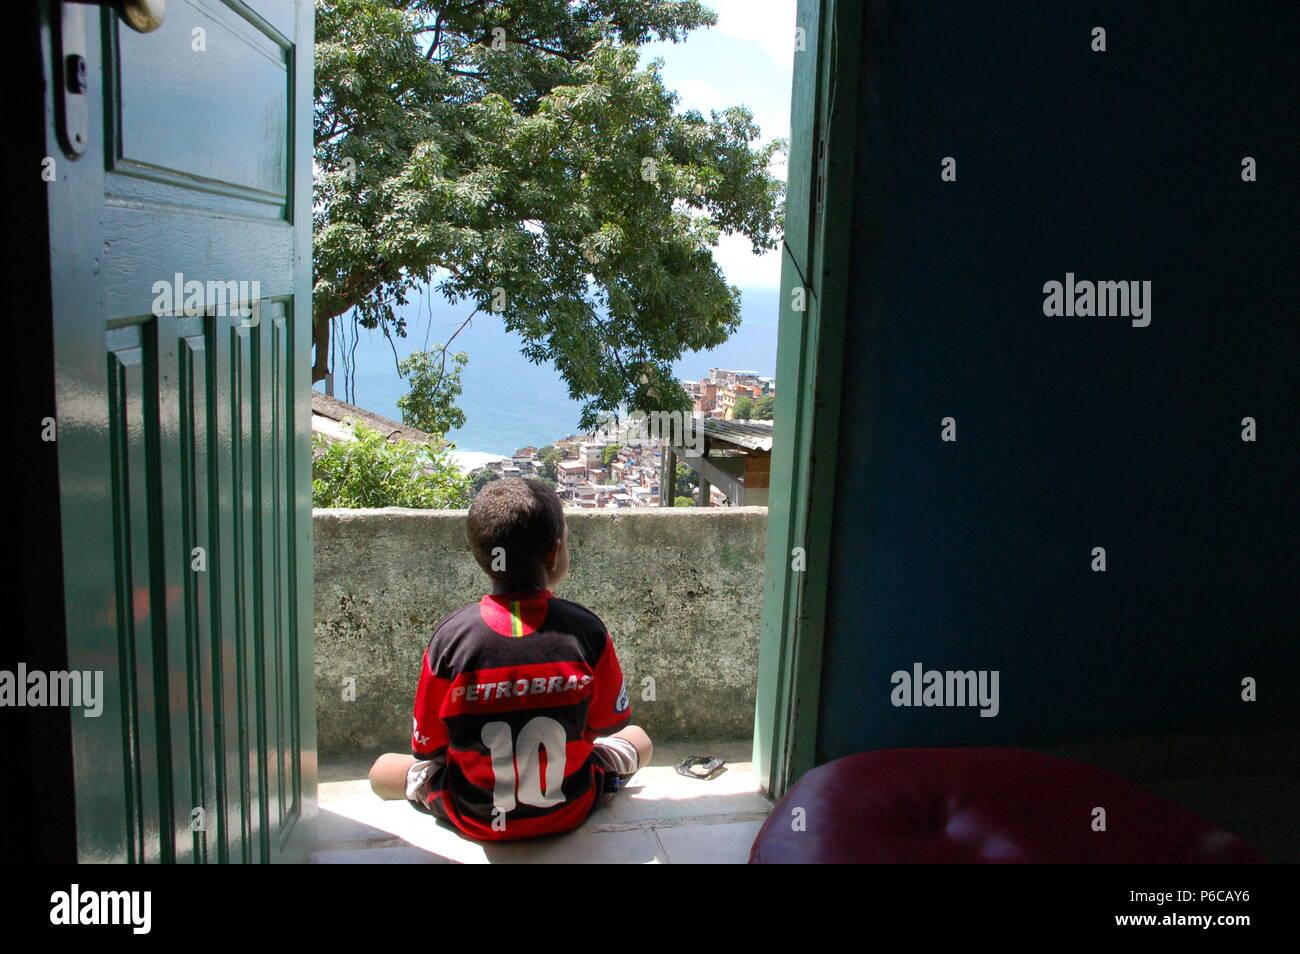 A football boy in the favela, Vidigal, Rio de Janeiro - Stock Image